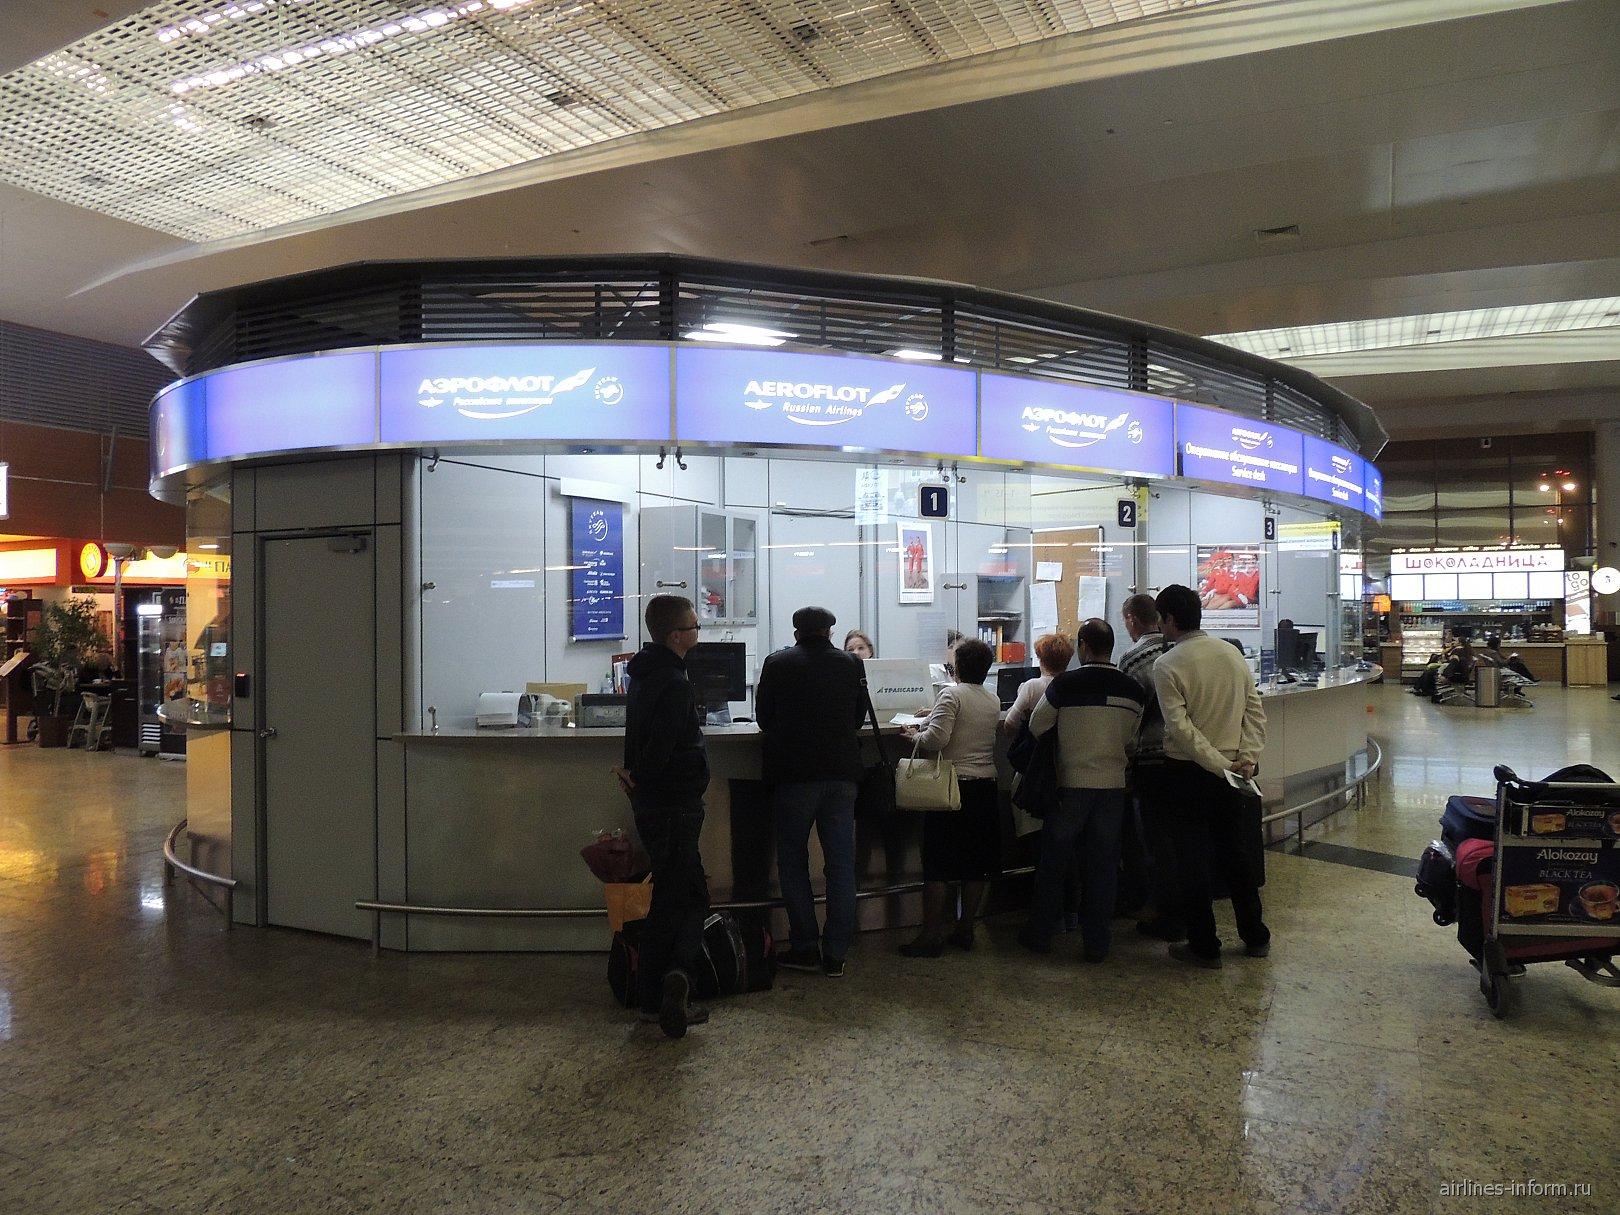 Предствительство Аэрофлота в терминале D аэропорта Москва Шереметьево